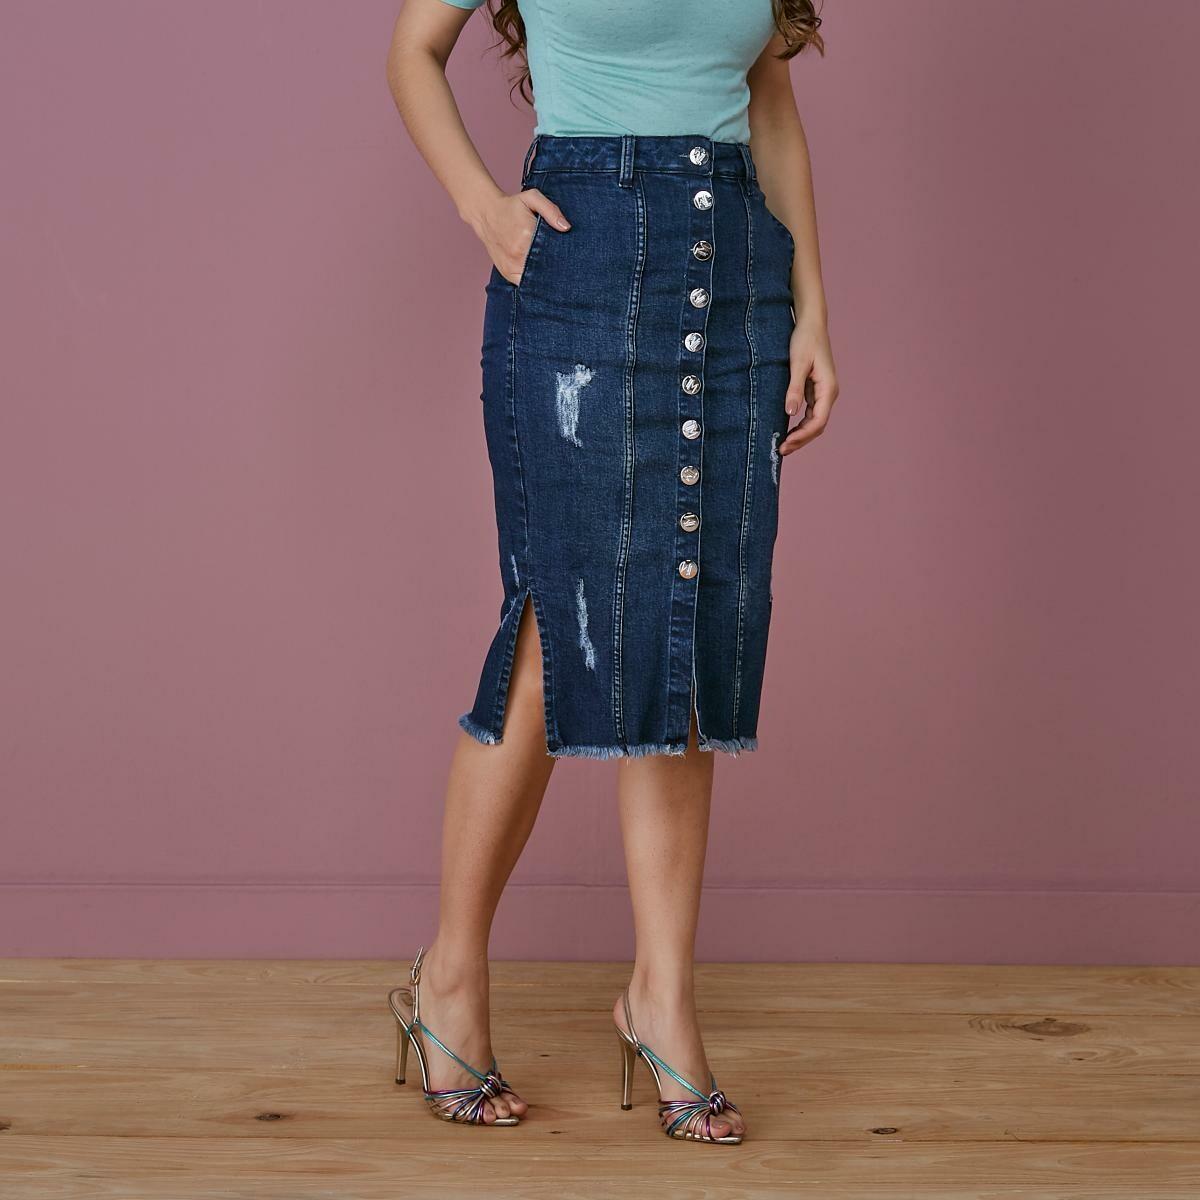 Saia Jeans Com Detalhe Em Botões - Tatá Martello